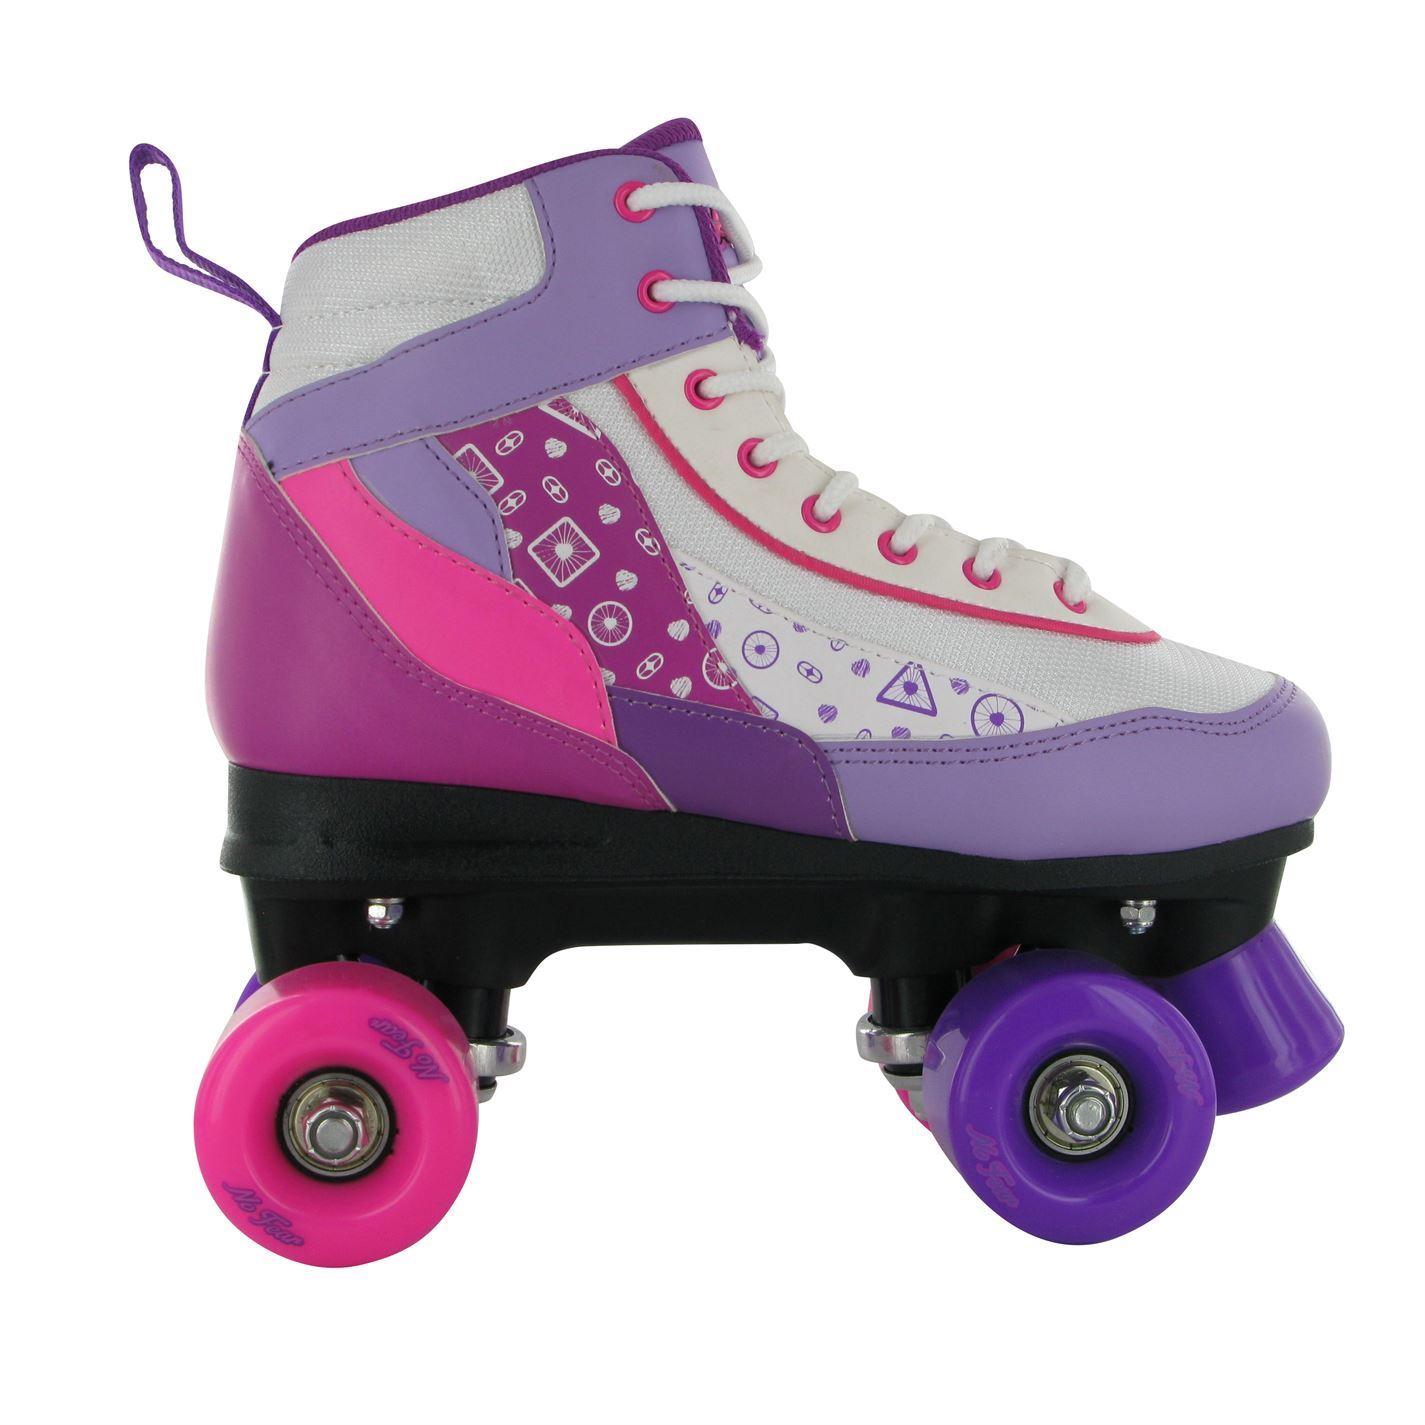 Wheeled Roller Skates Ebay